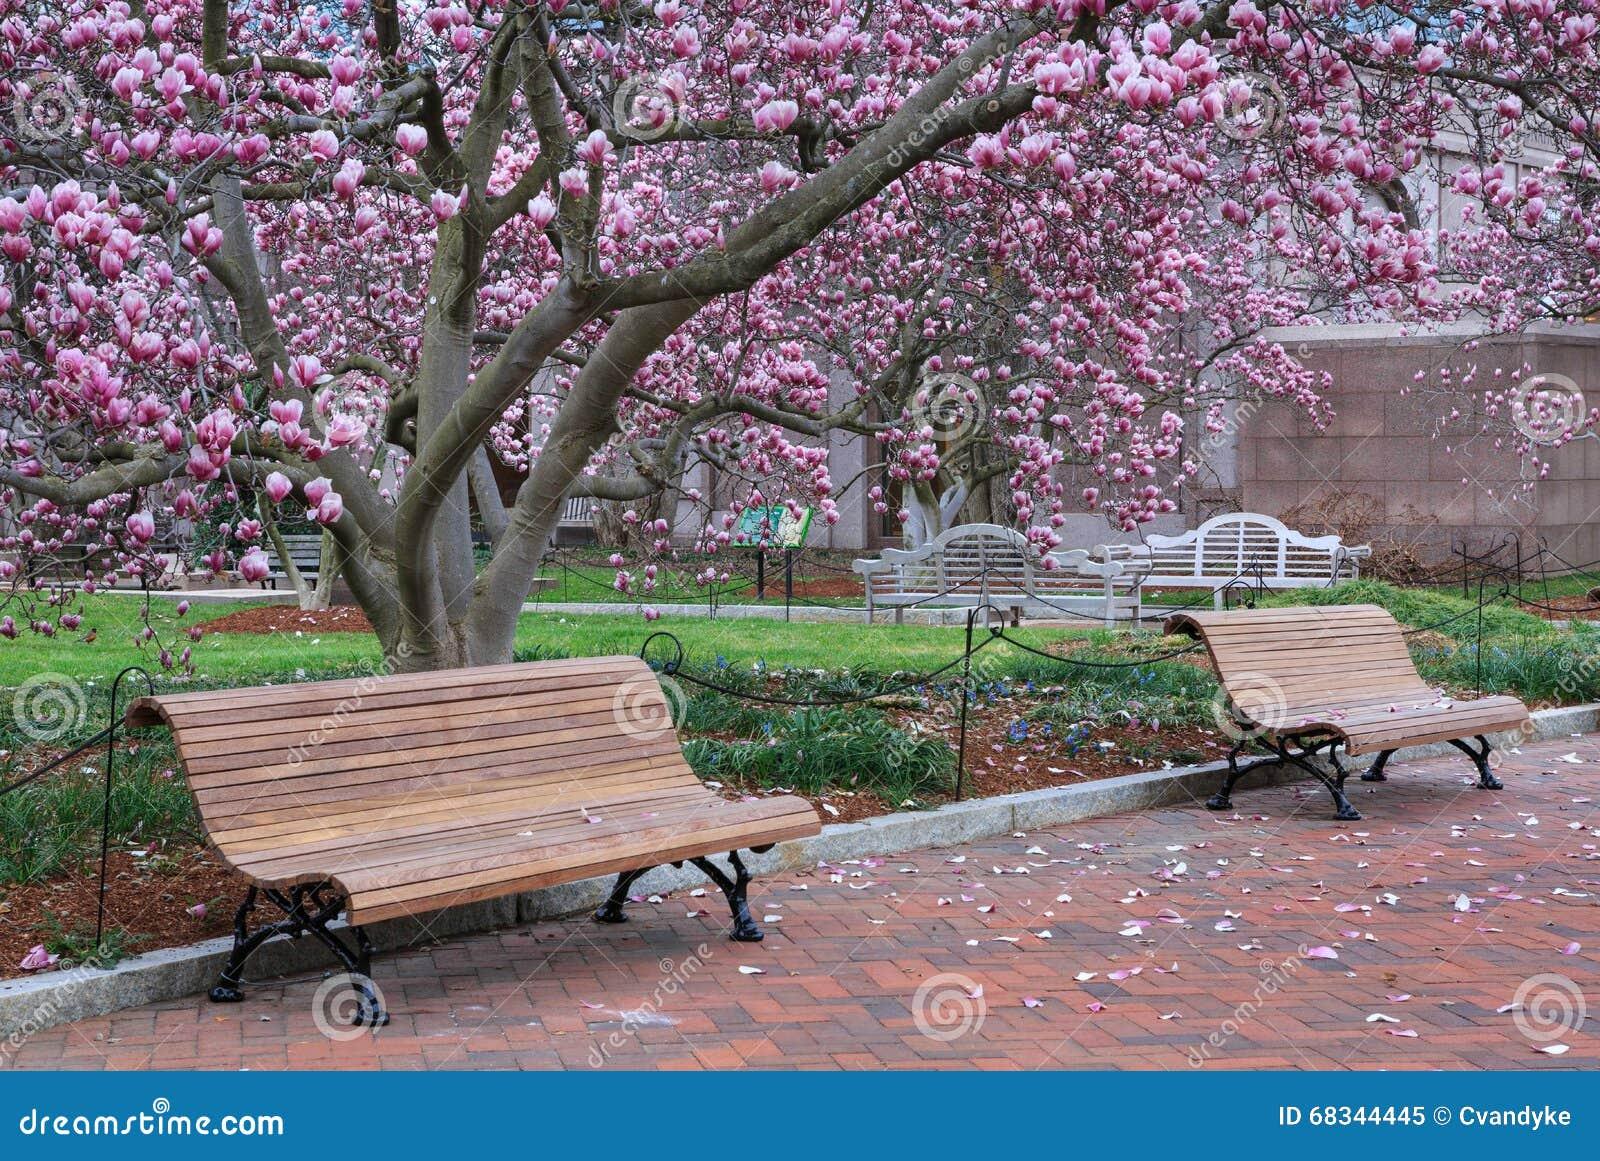 Washington Dc Park Benches Magnolia Trees Stock Image Image Of